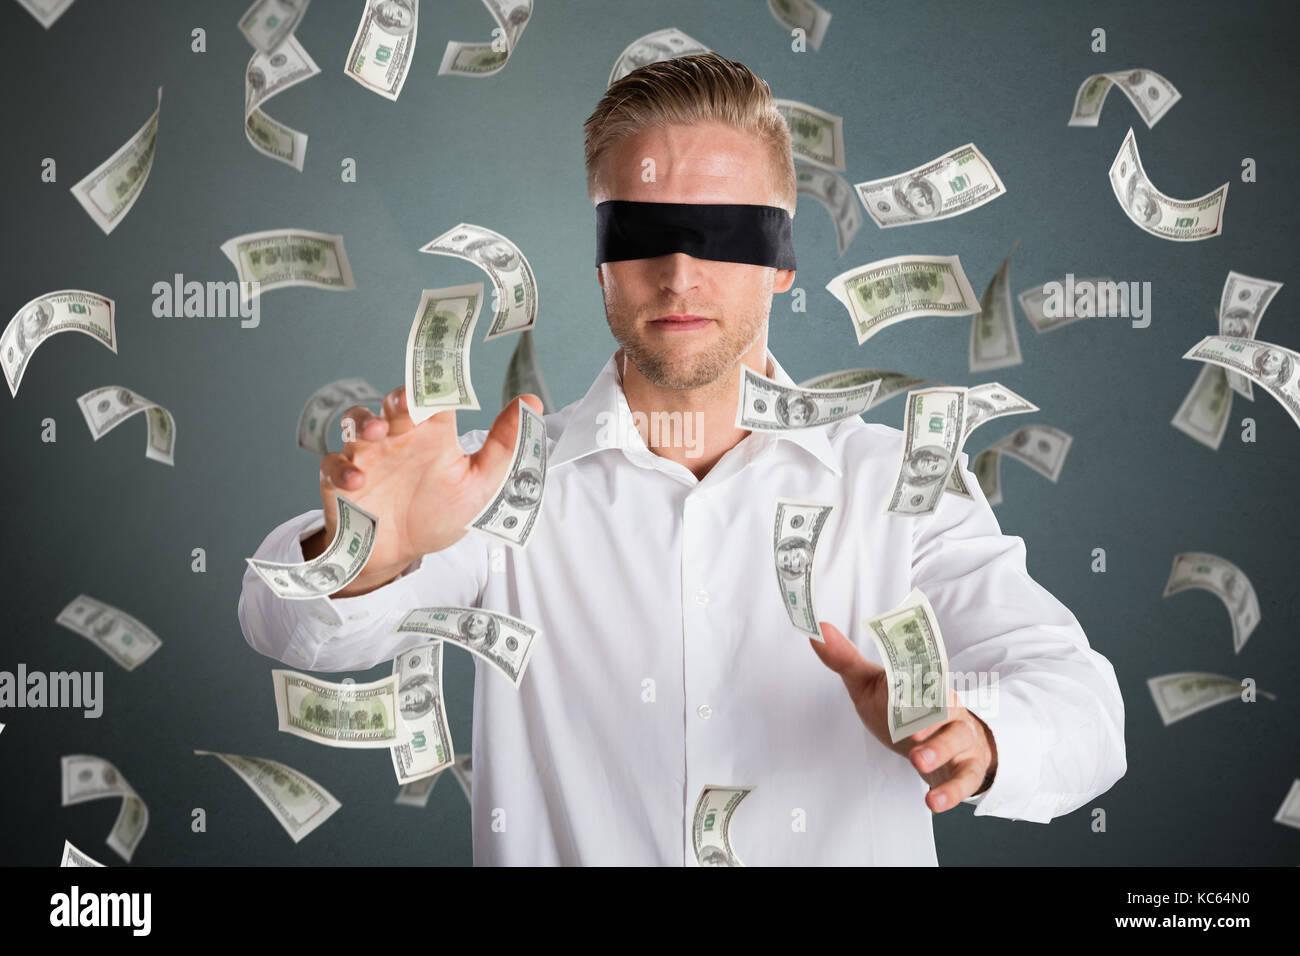 Giovane imprenditore bendati con la caduta di denaro contro uno sfondo grigio Immagini Stock